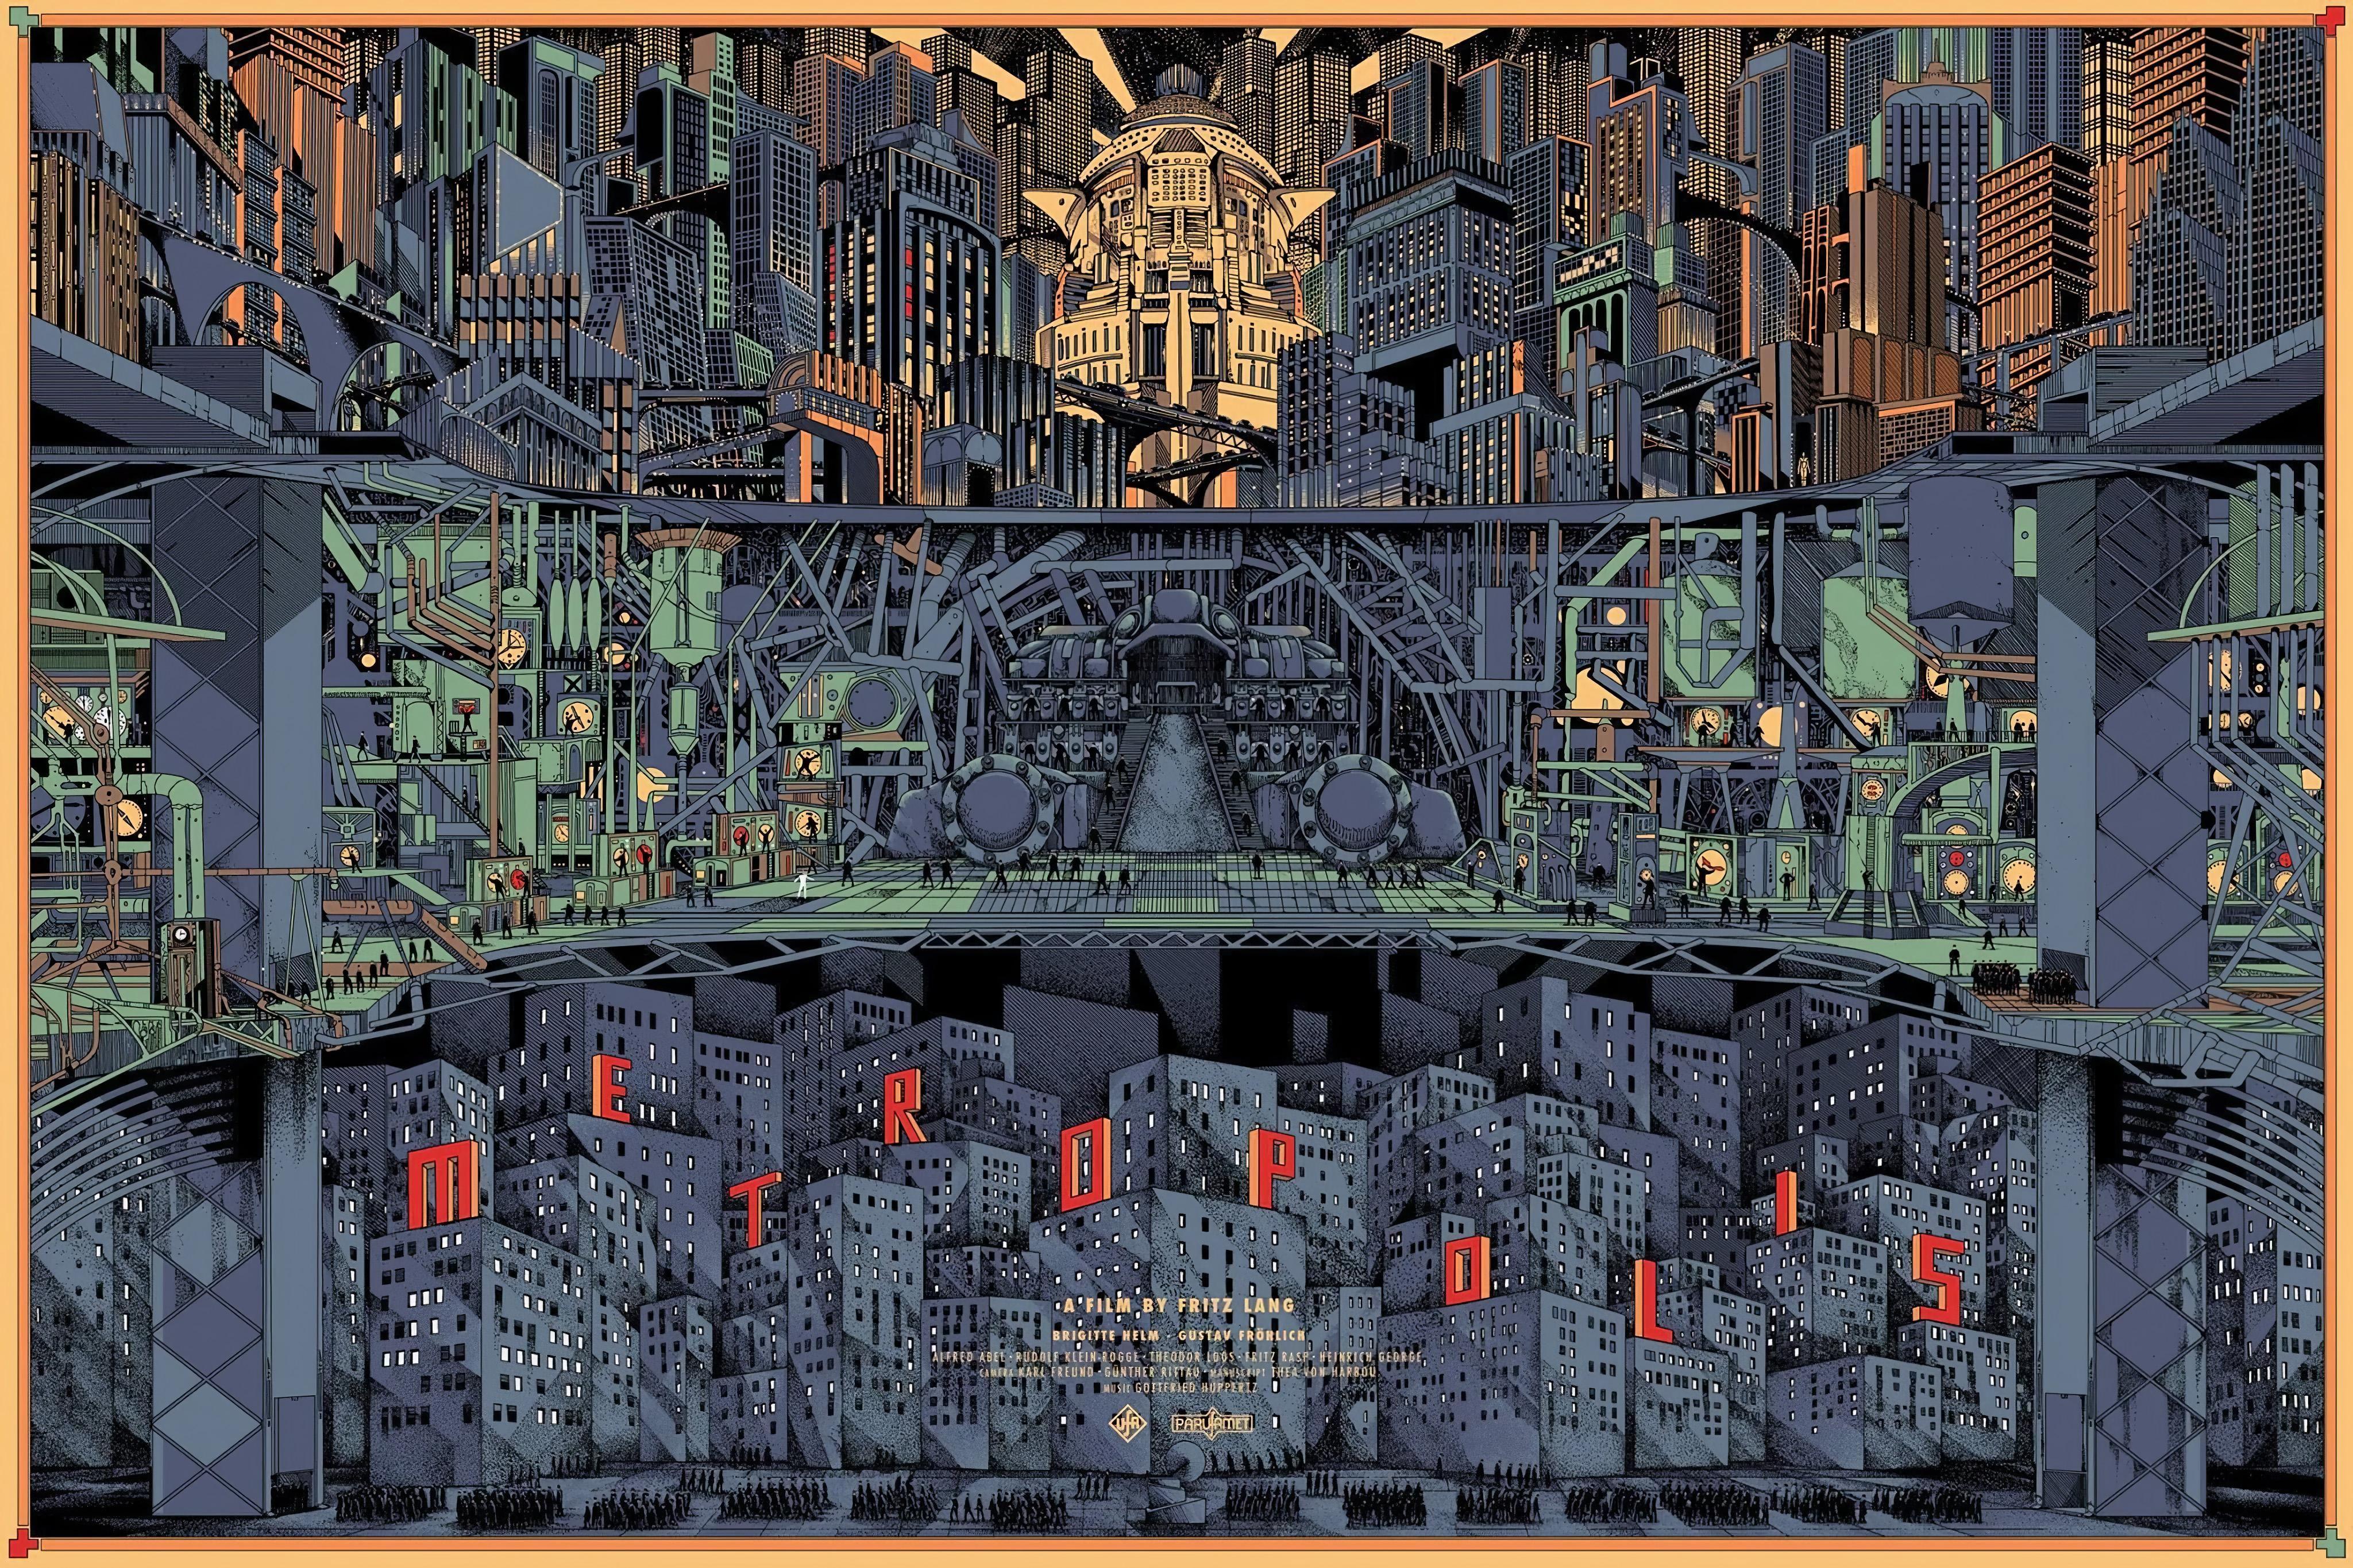 Metropolis (1927) By Kilian Eng [4096x2730] Metropolis